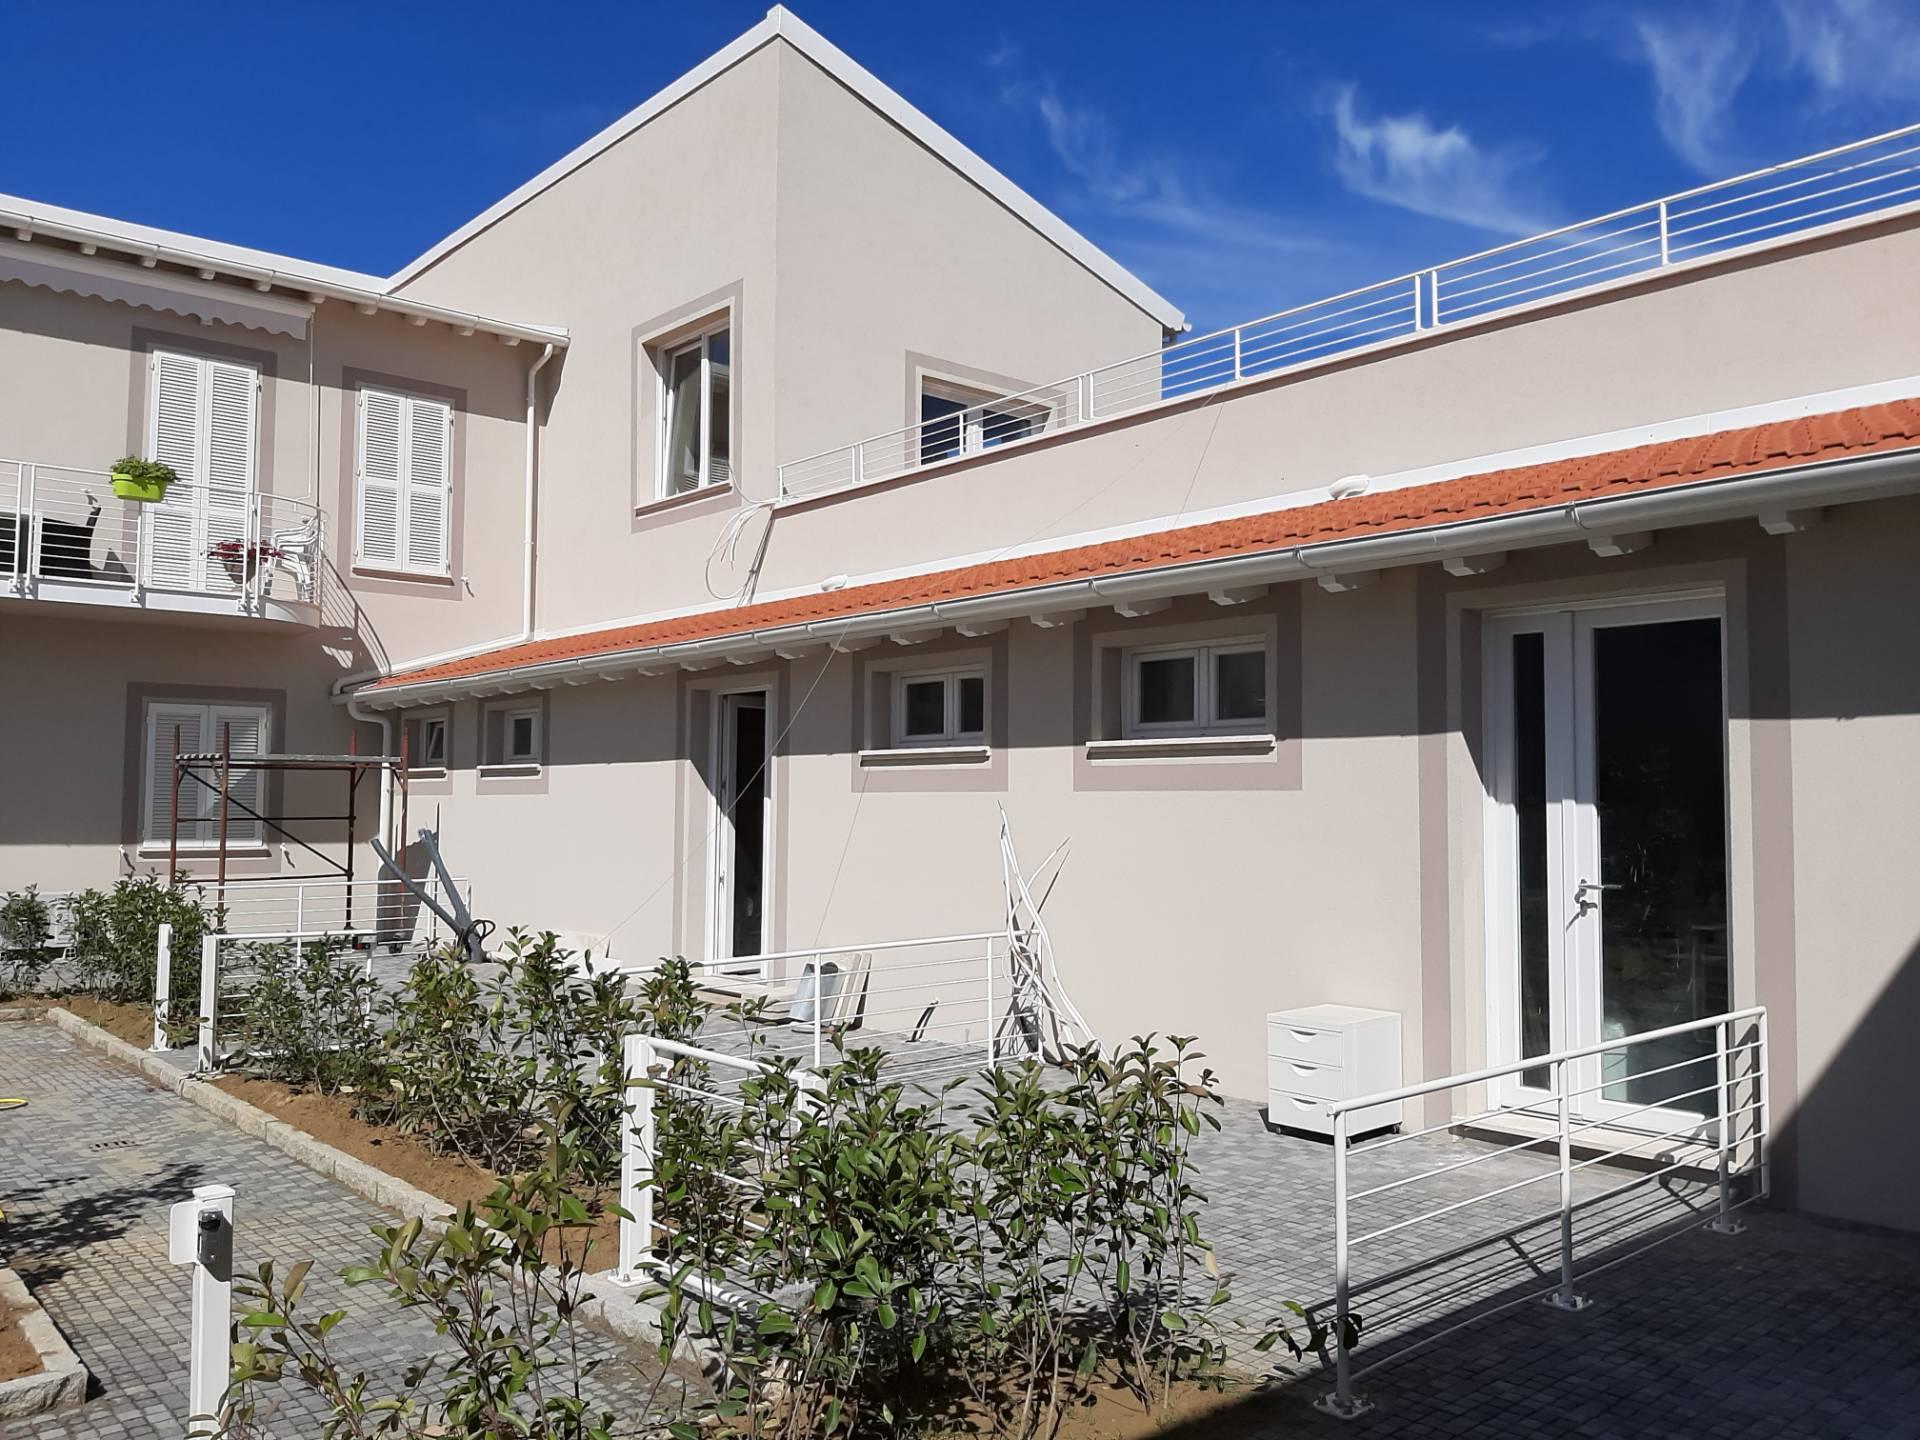 Agenzia per acquisto immobile a Pisa